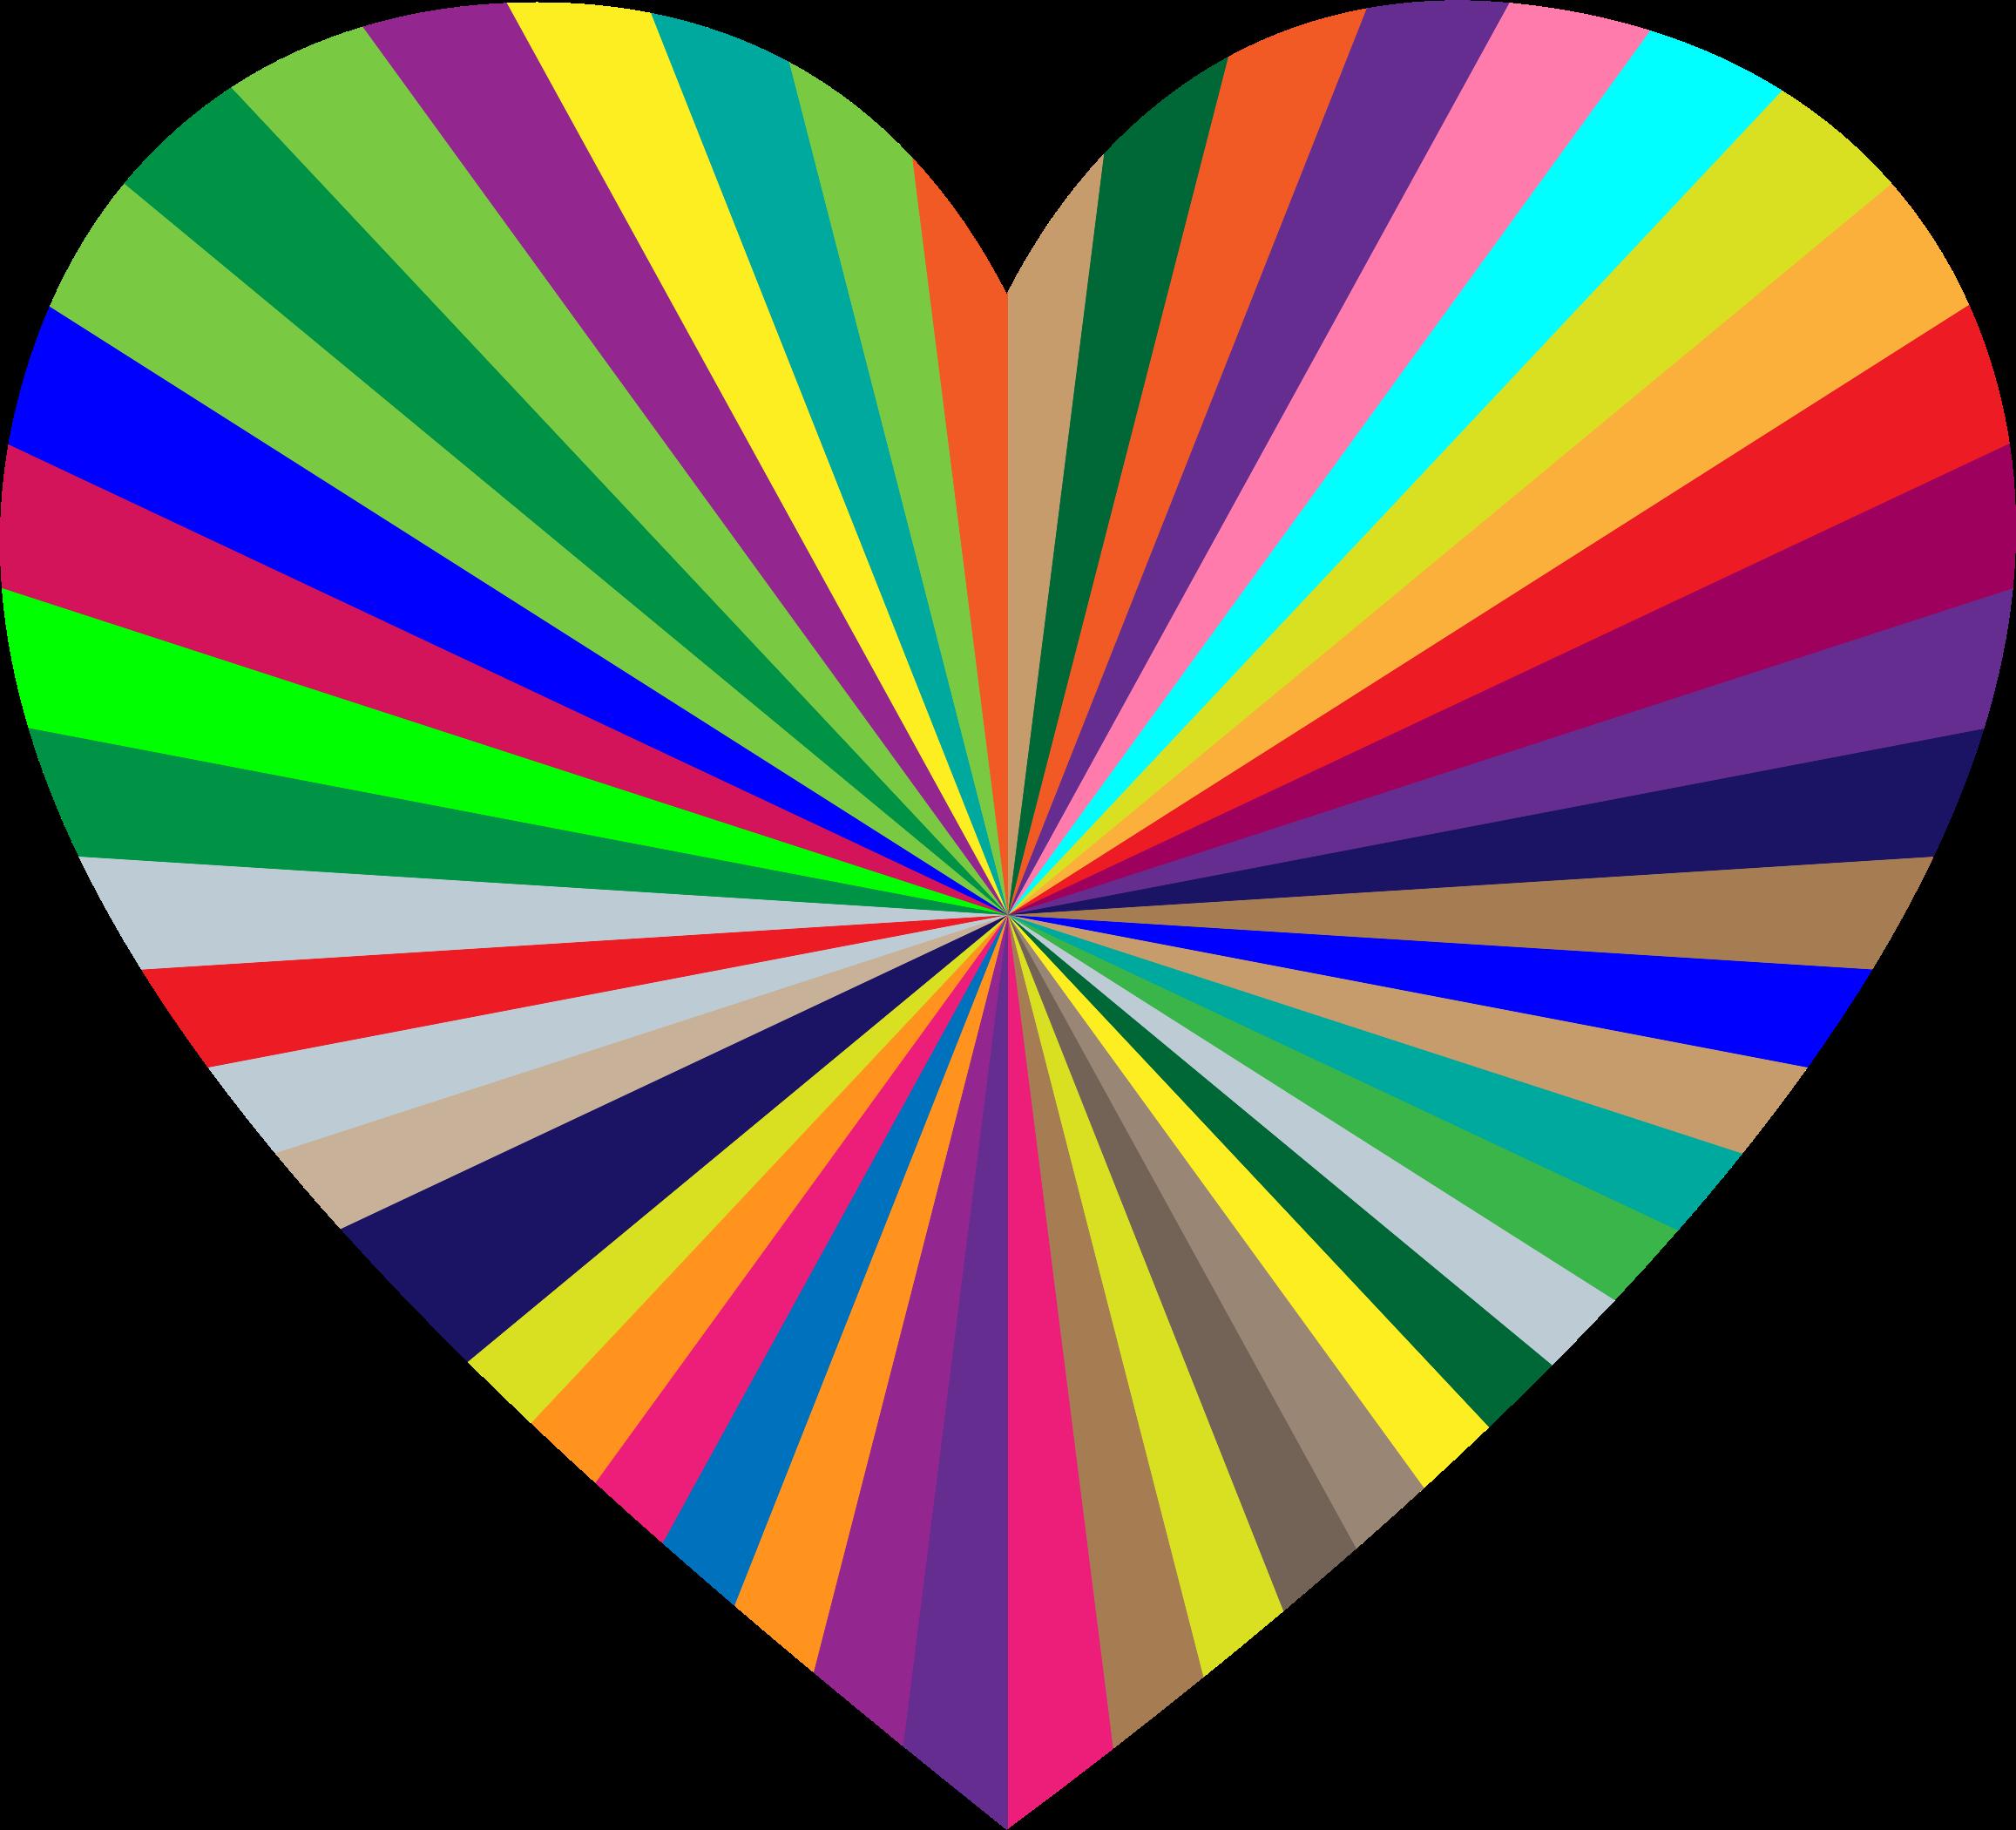 Clipart starburst heart 2